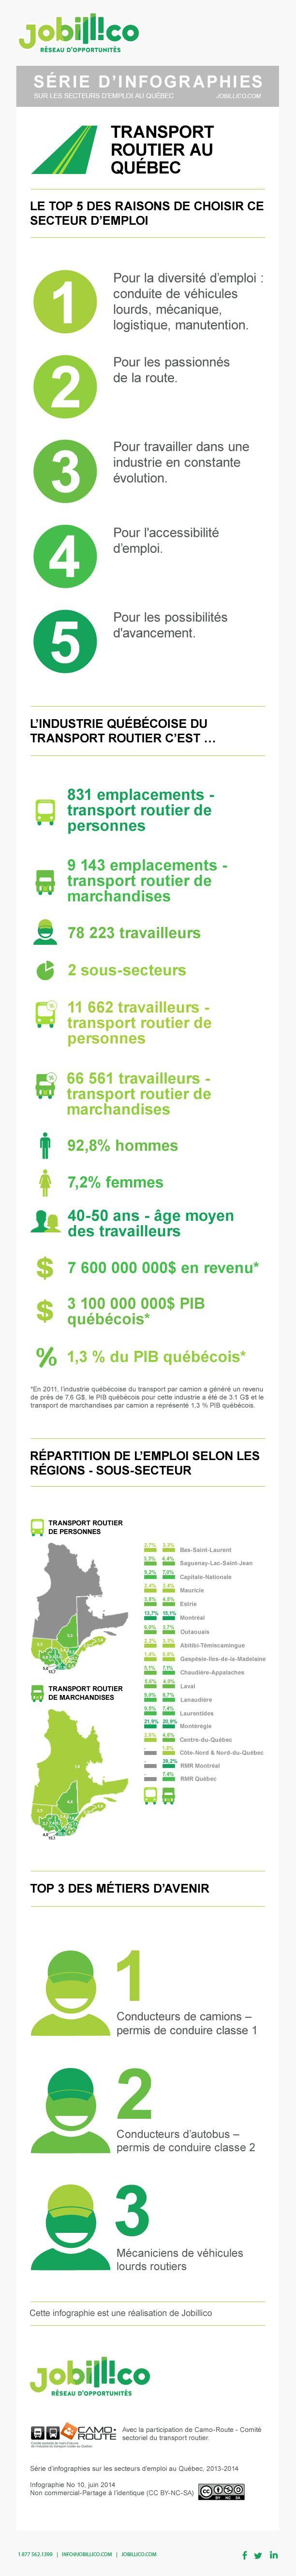 L'industrie du transport routier au #Qc, les chiffres-clés | #infographie #transport #emploi